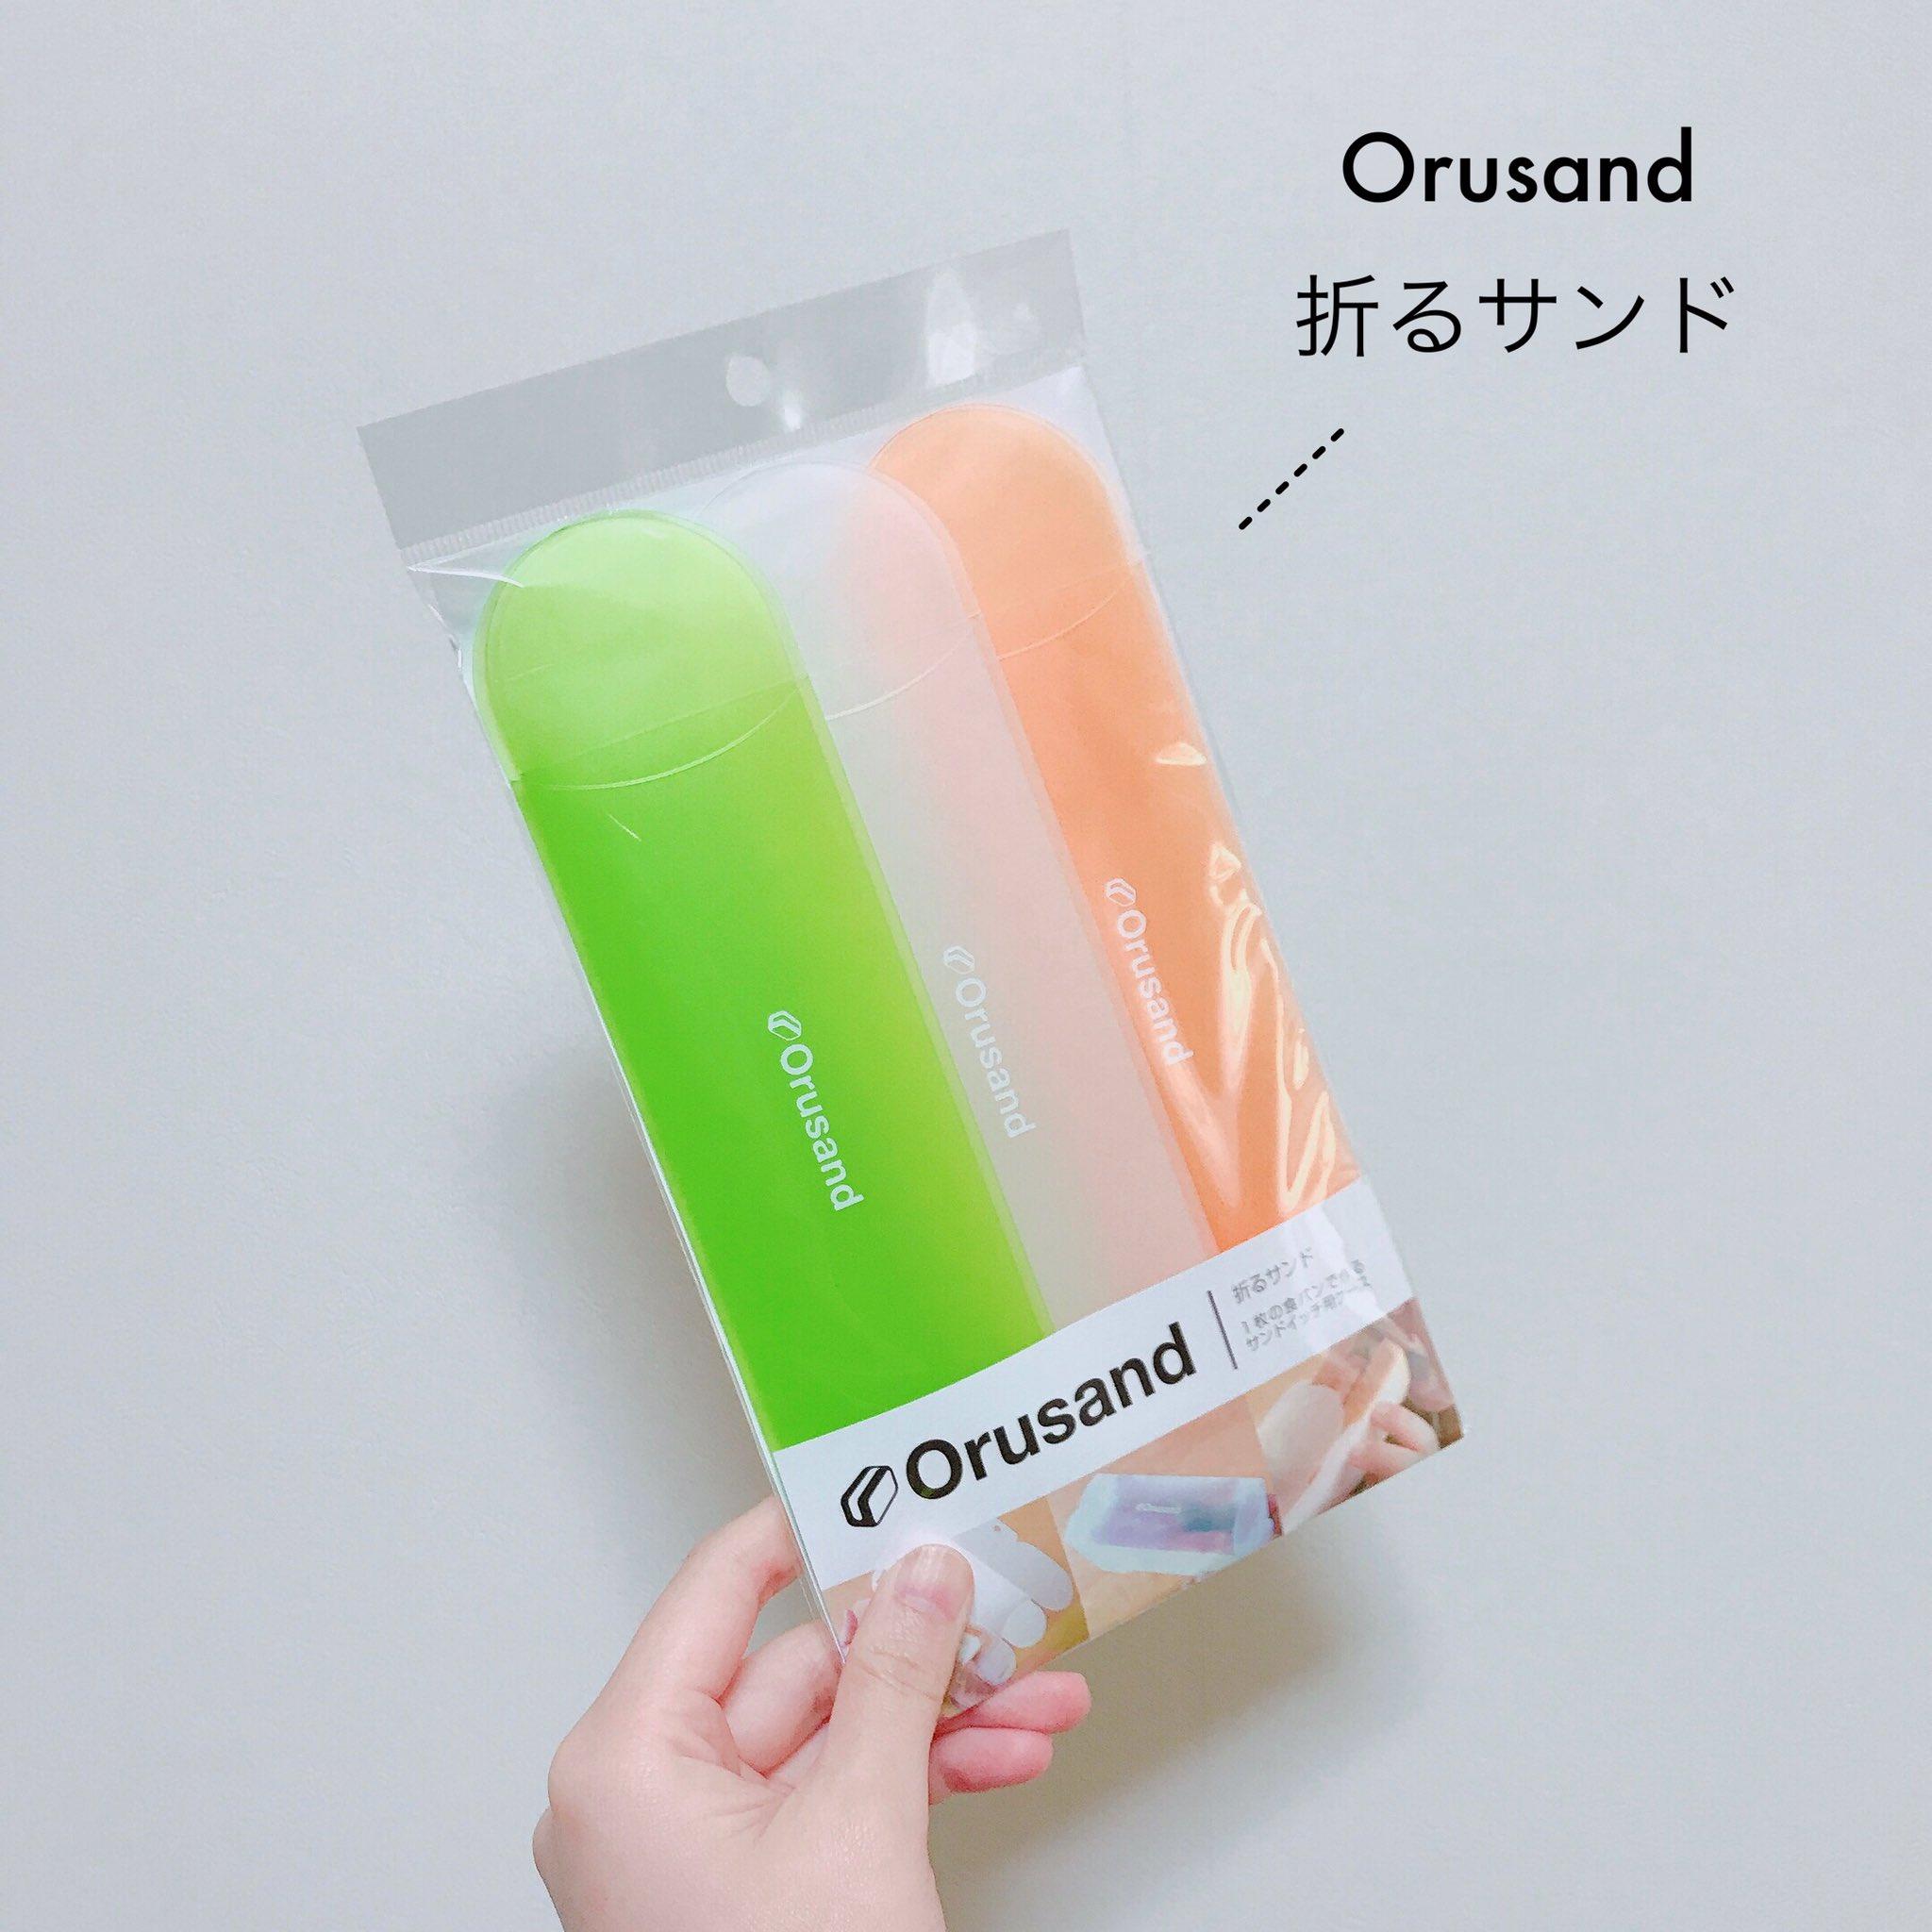 家で簡単に作ることが可能!?パン1枚でサンドイッチが簡単にできる「Orusand(折るサンド)」!